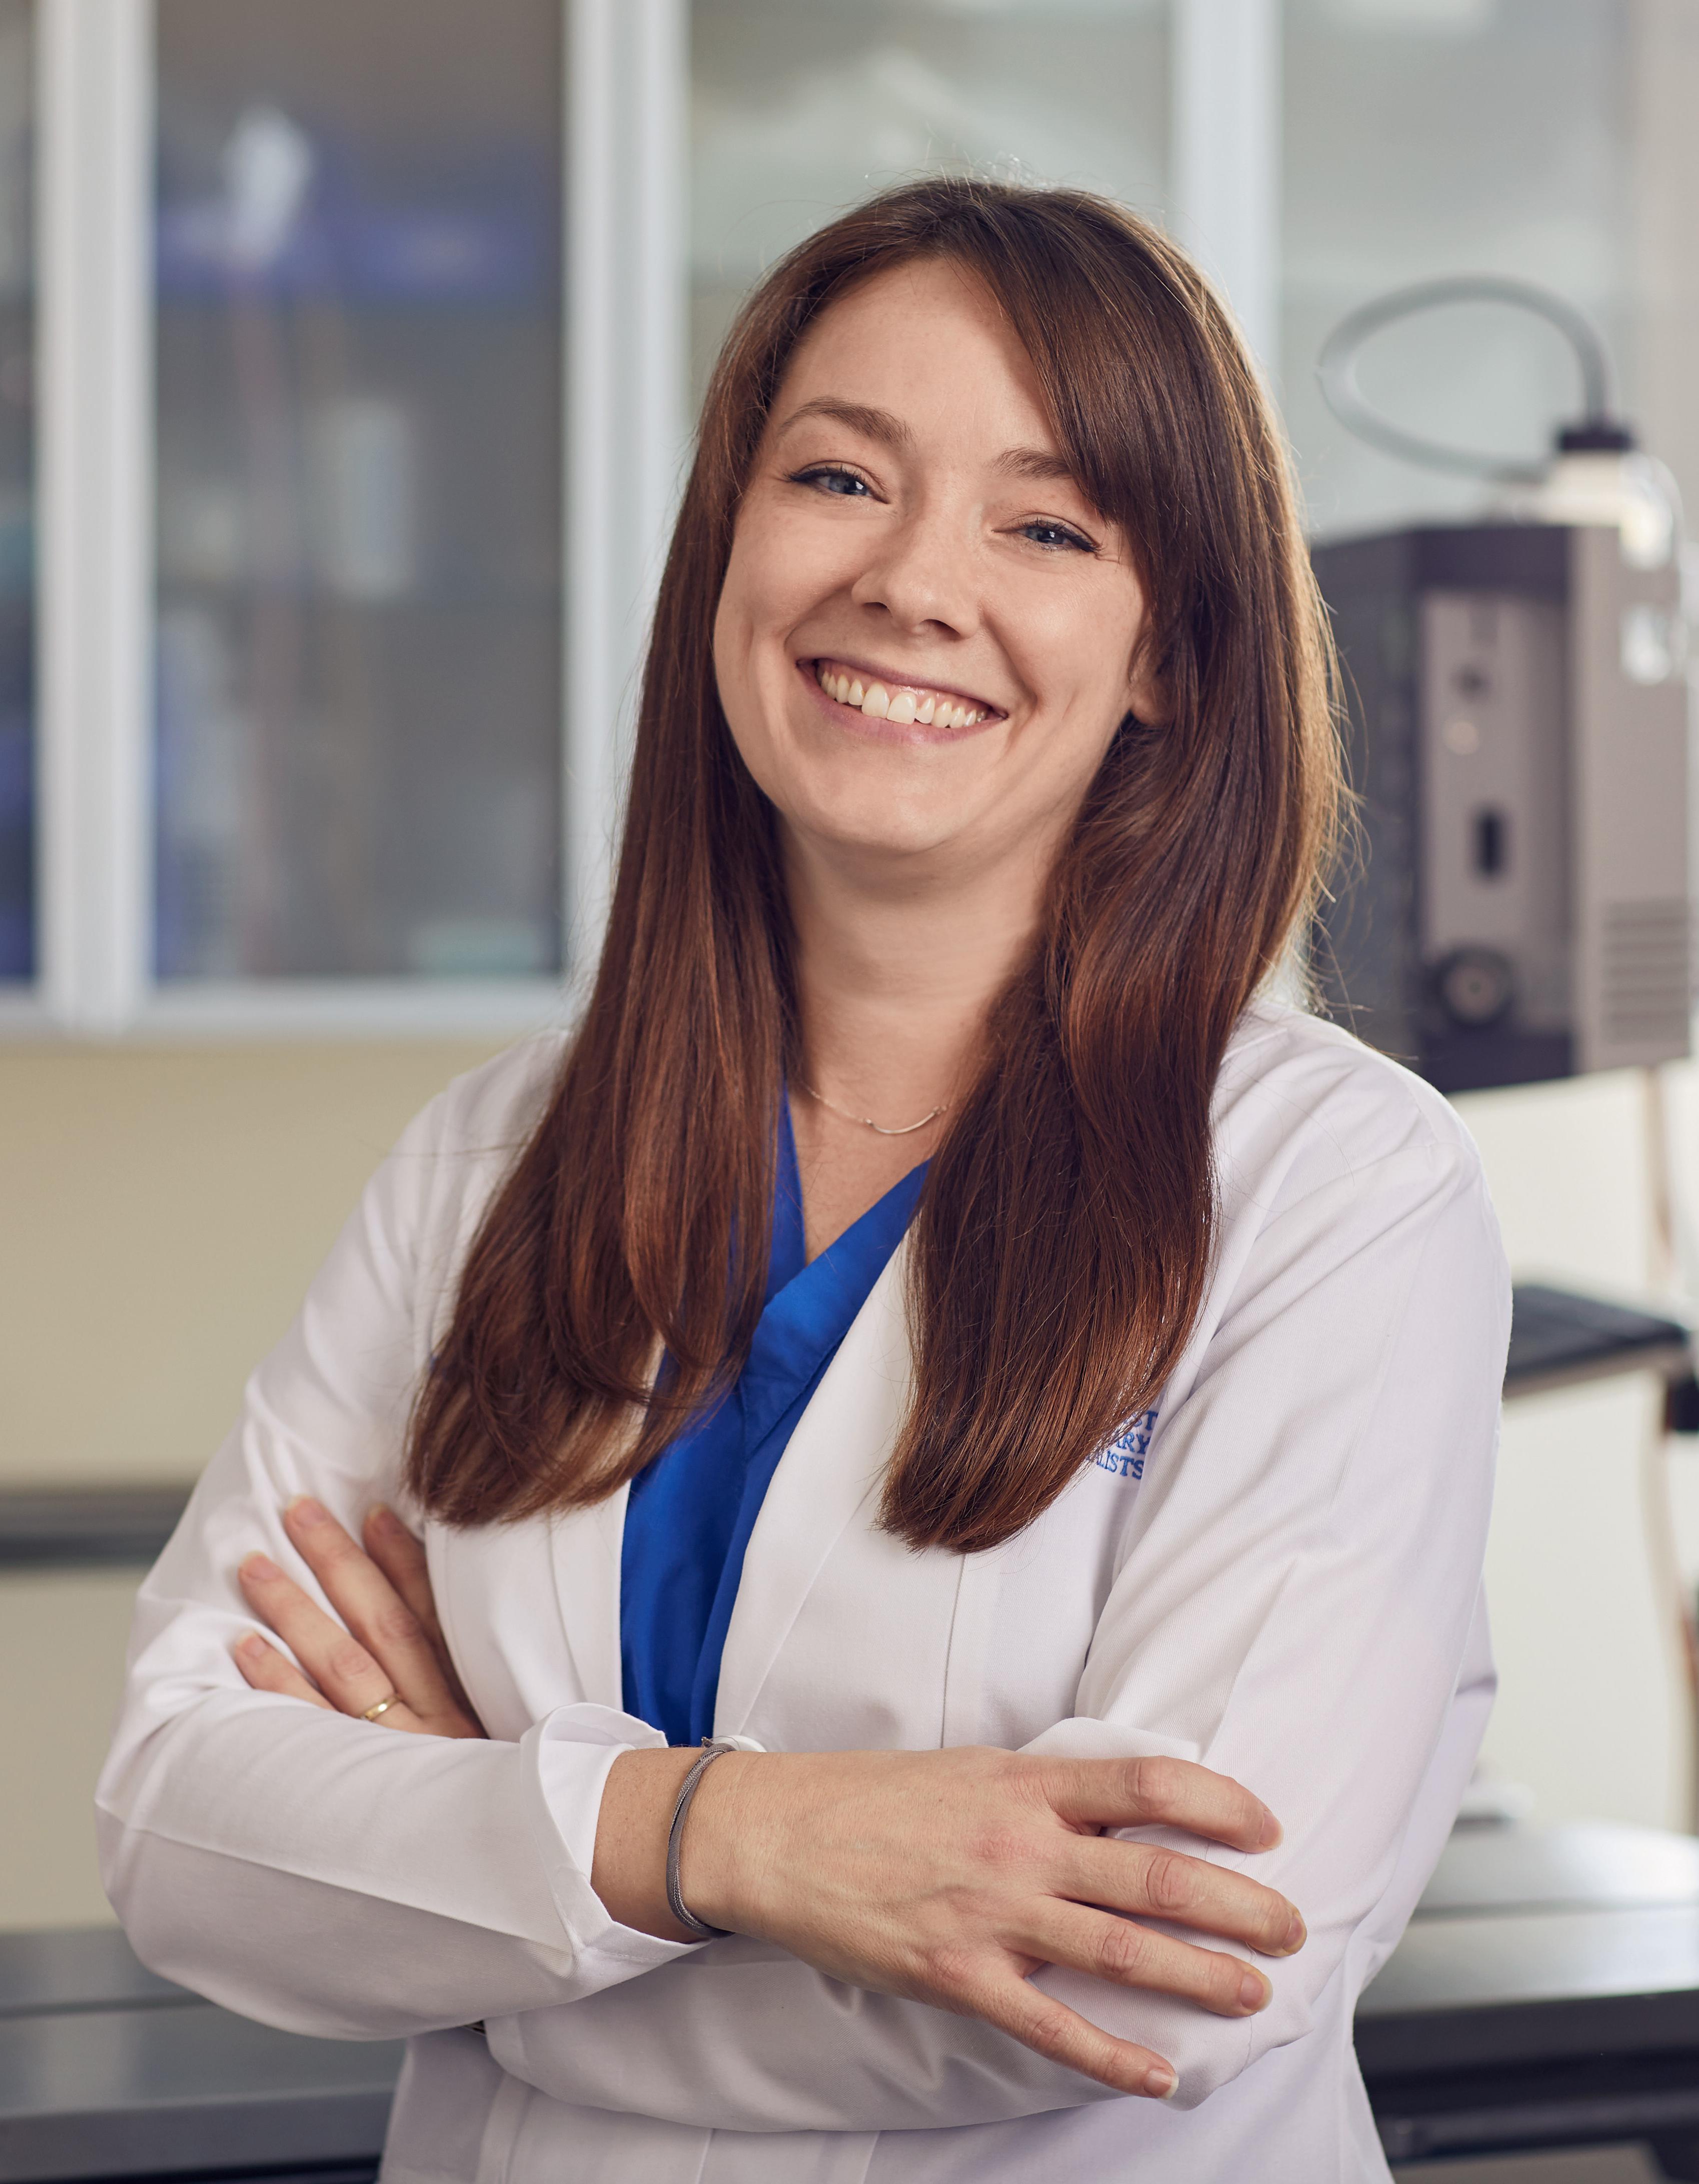 Laura Hammond, DVM, DACVR